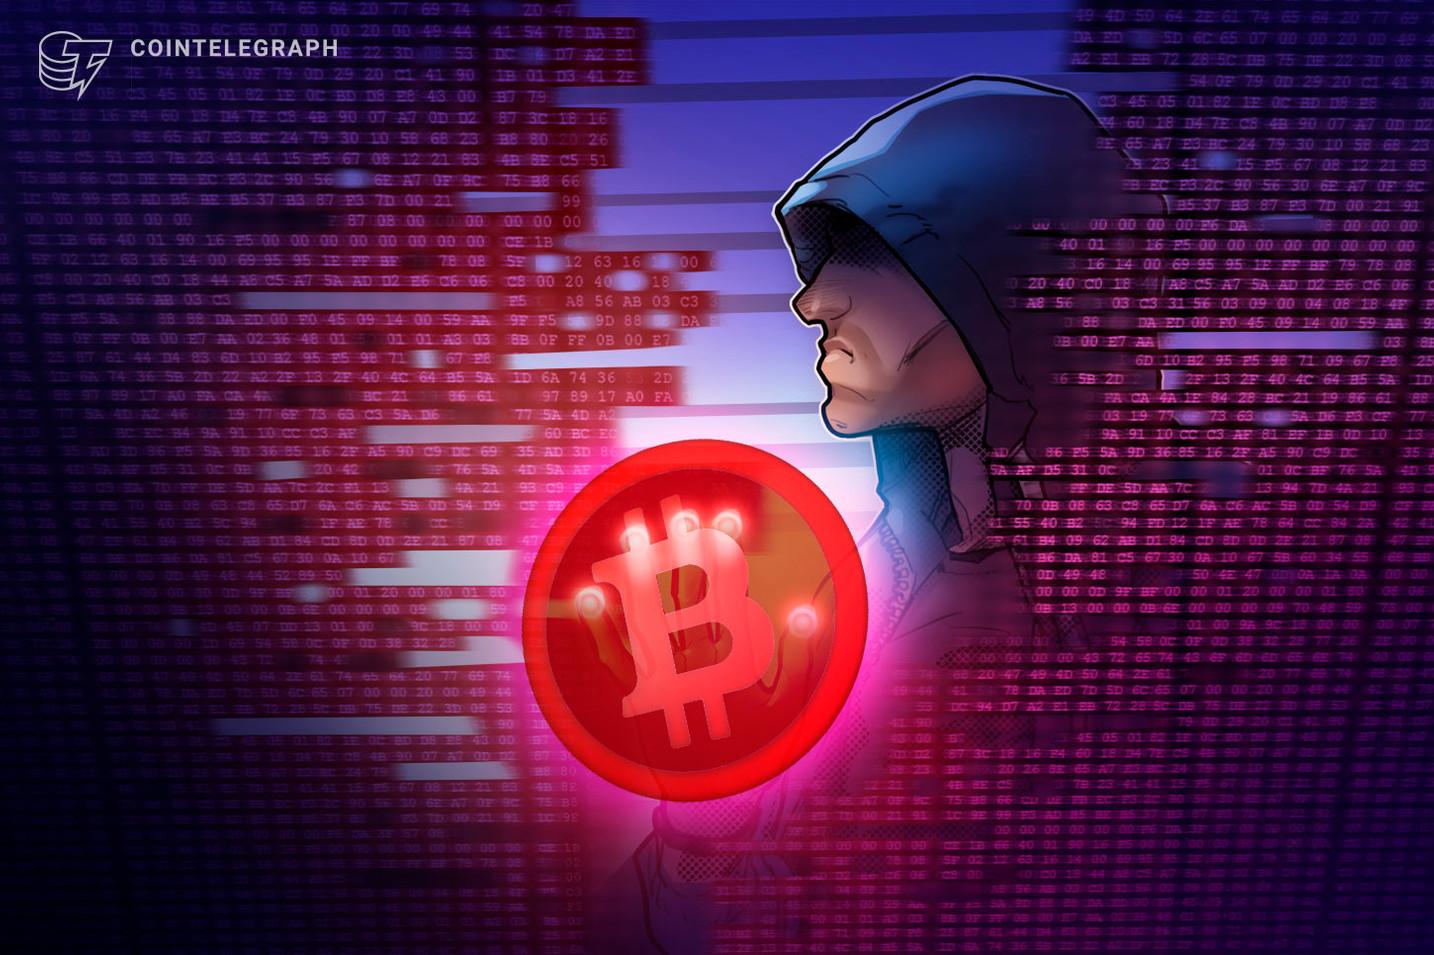 Stati Uniti: ladri ripresi dalle videocamere di sorveglianza mentre rubano un ATM Bitcoin